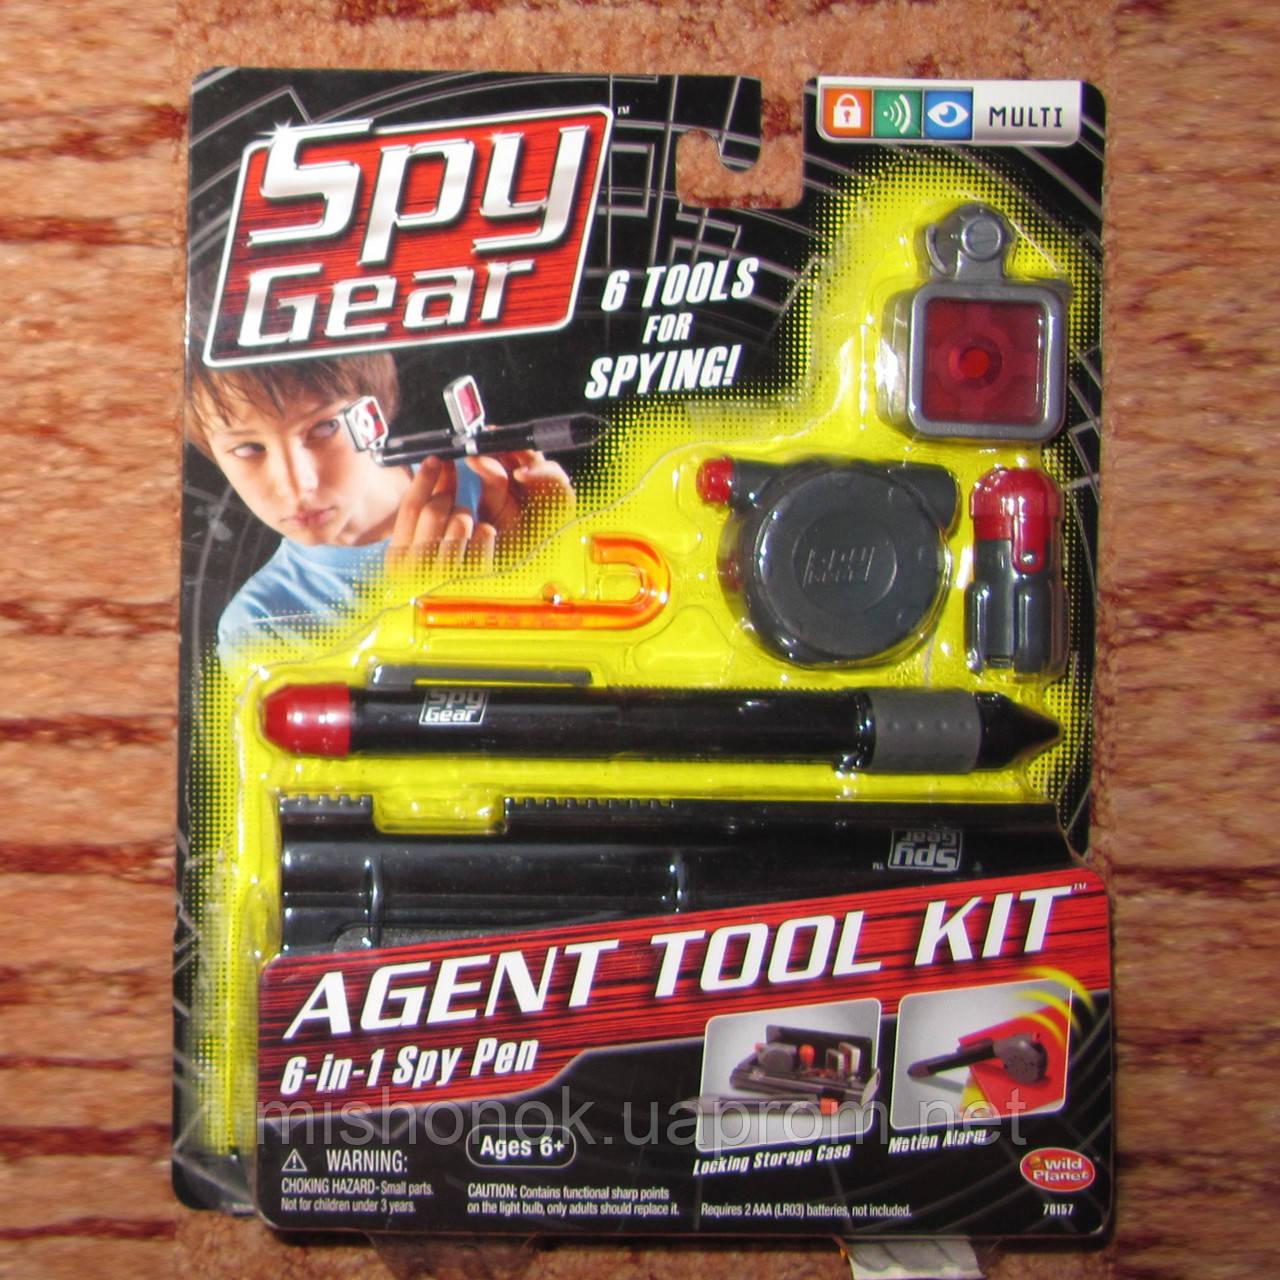 Шпионский набор пенал 6 в 1 SPY Gear на возраст 6+ подарок мальчику к окончанию учебного года